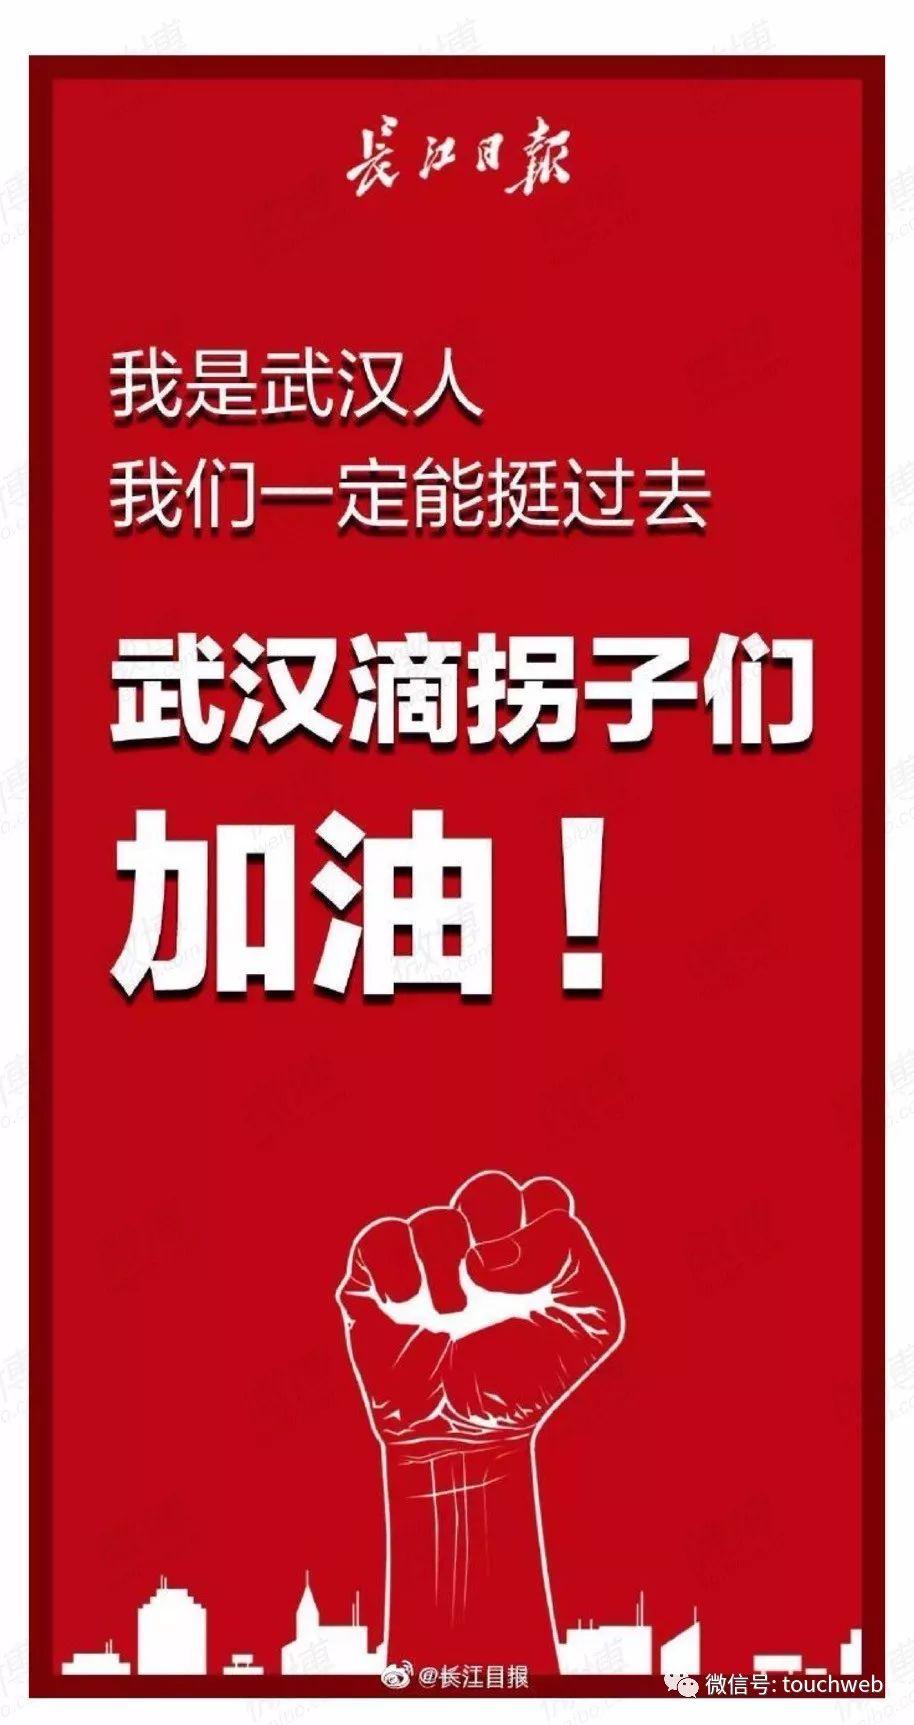 快手向武汉市慈善总会捐款1亿 协